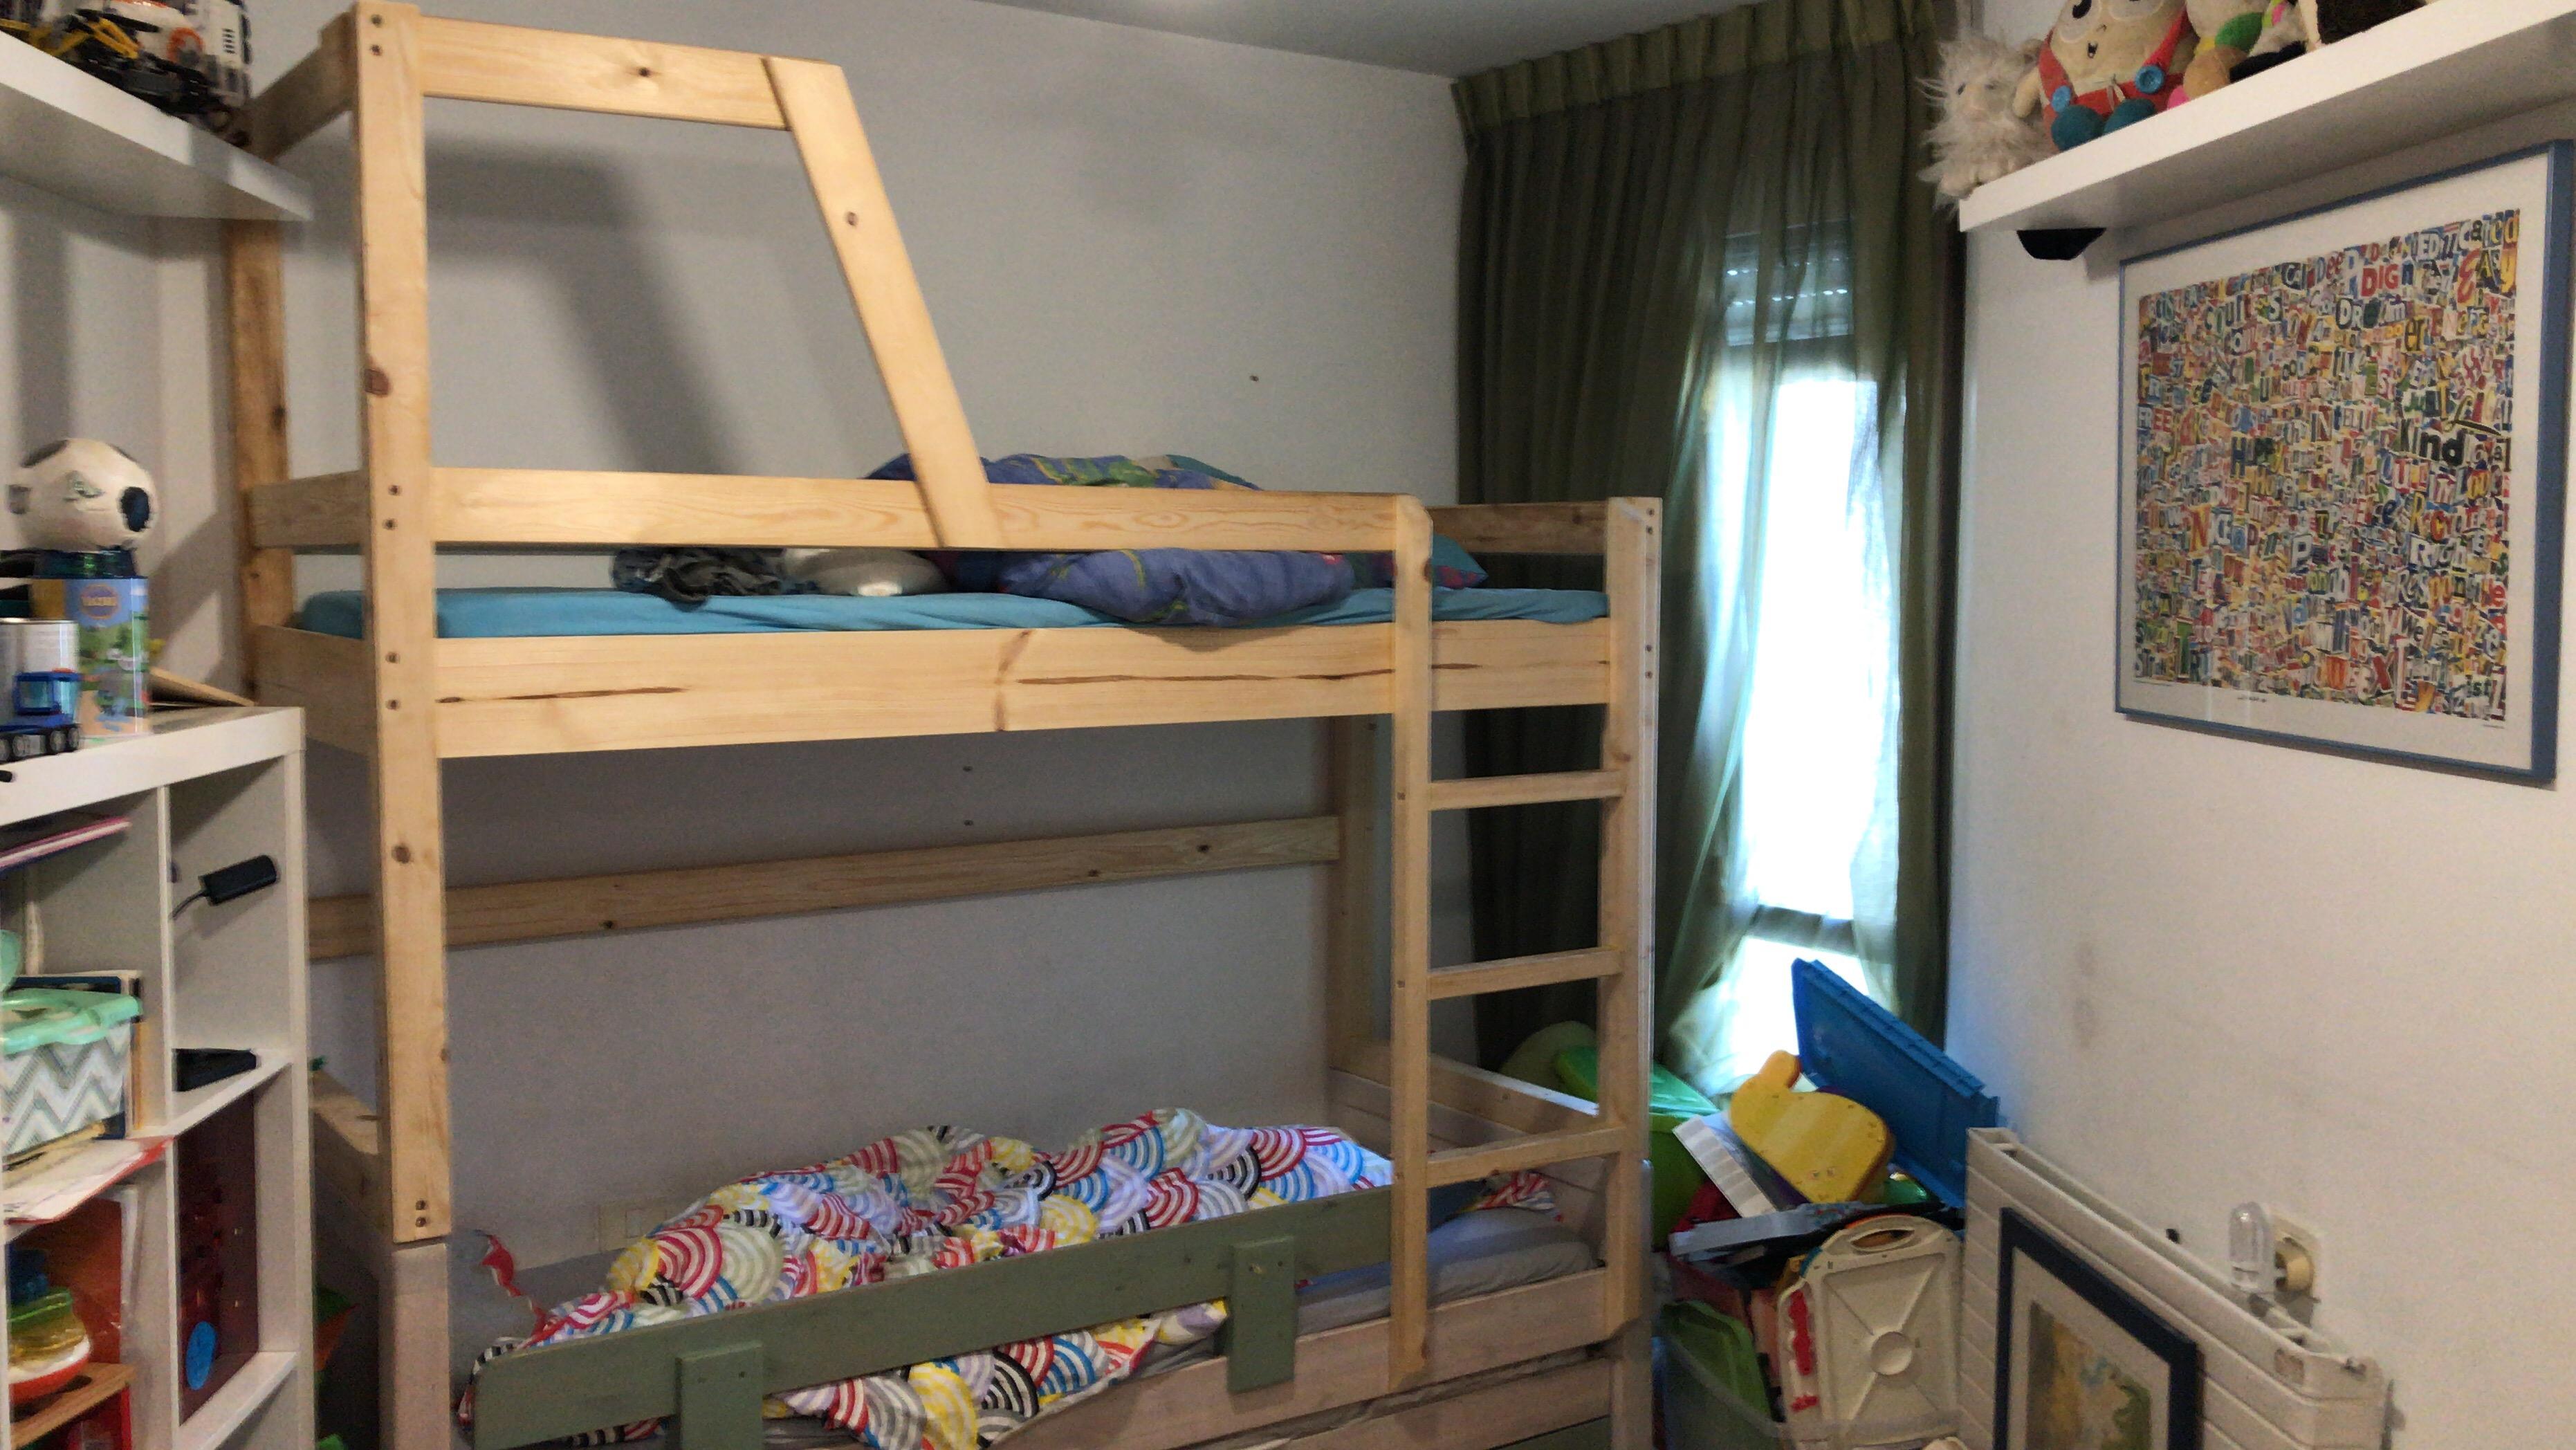 תוספת קומה למיטה על בסיס מיטה קיימת